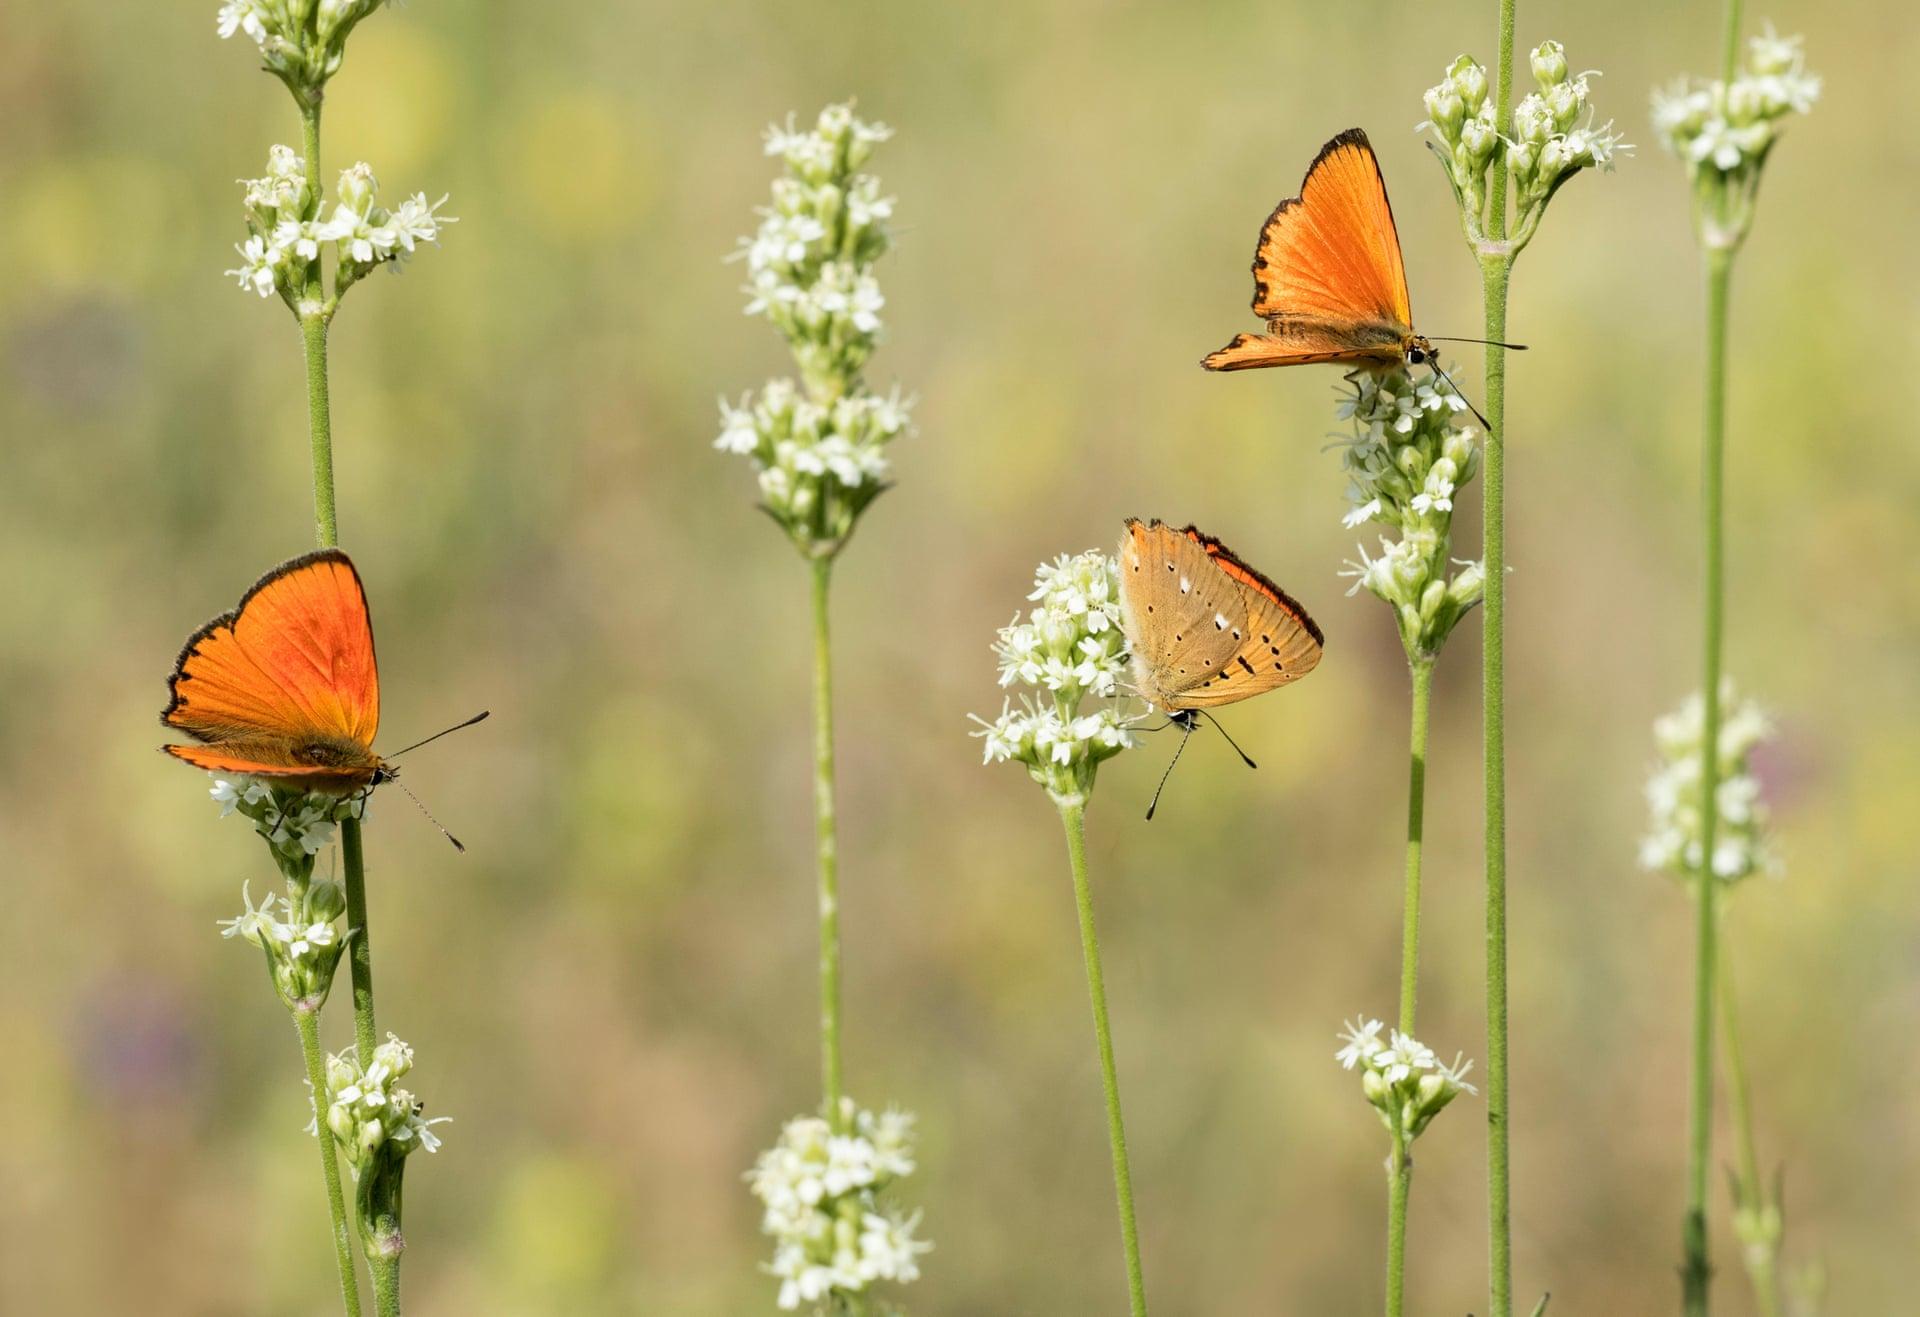 Редко встречающиеся медные бабочки. Фото: Марлен Финлейсон / Alamy Stock Photo / Alamy.